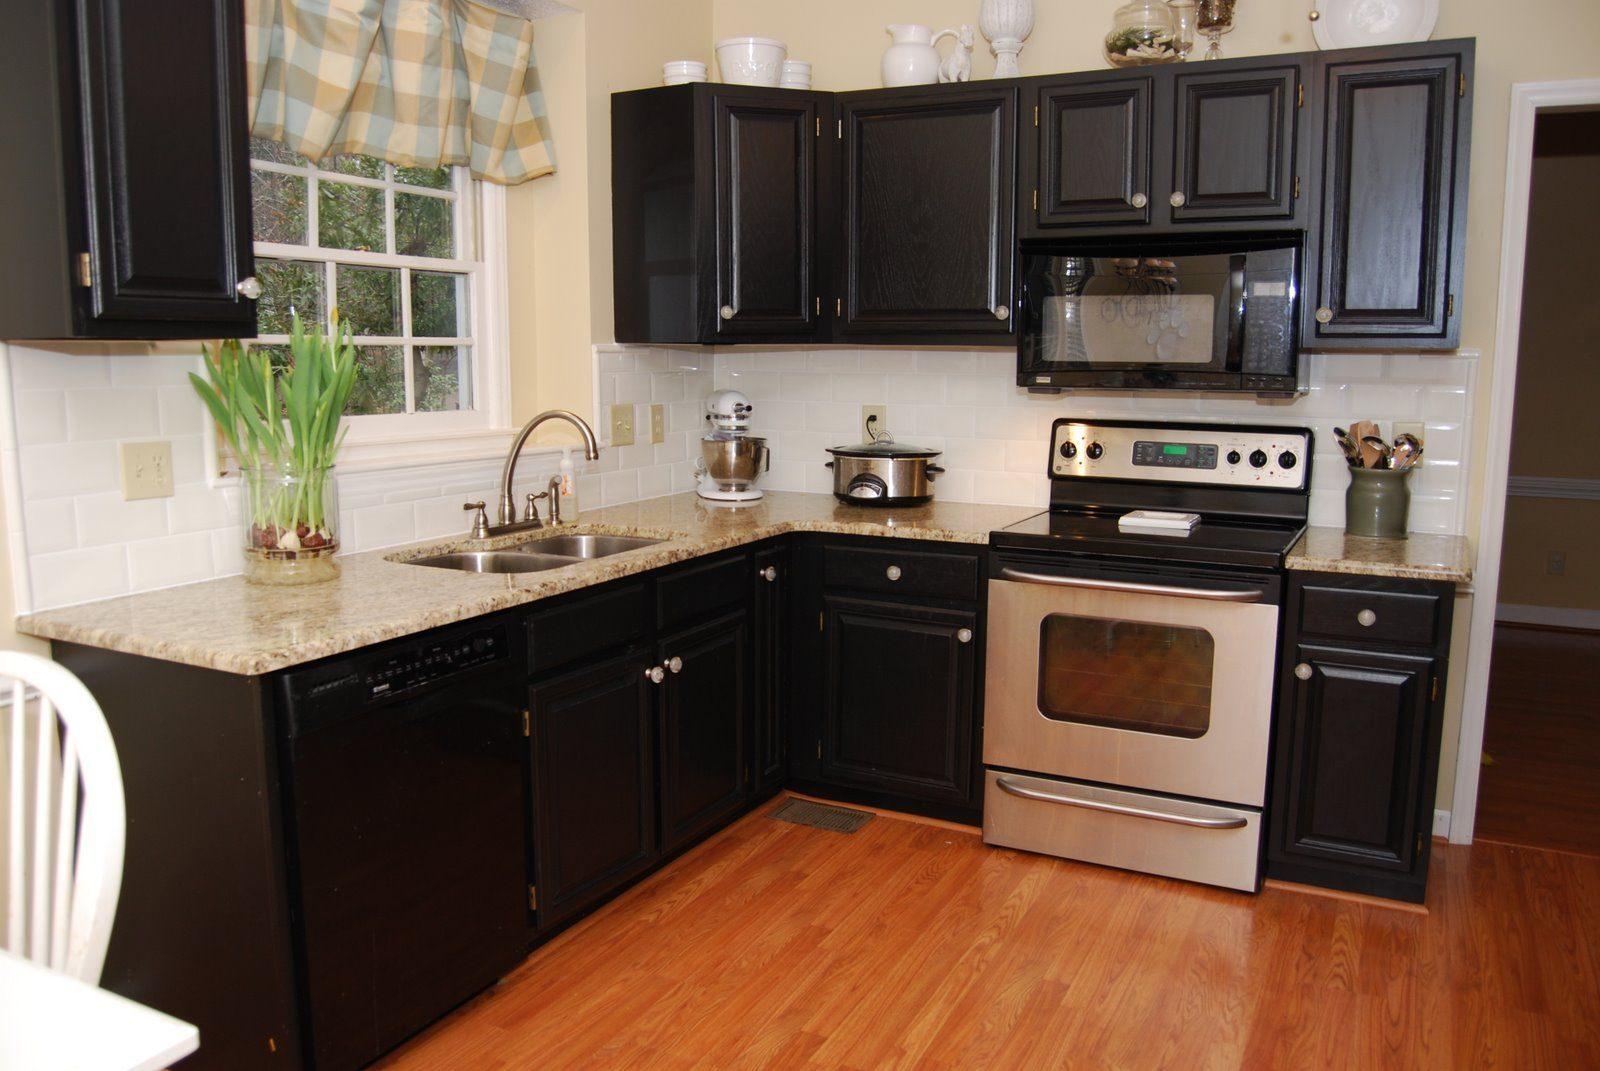 Muebles de cocina negros :: Imágenes y fotos